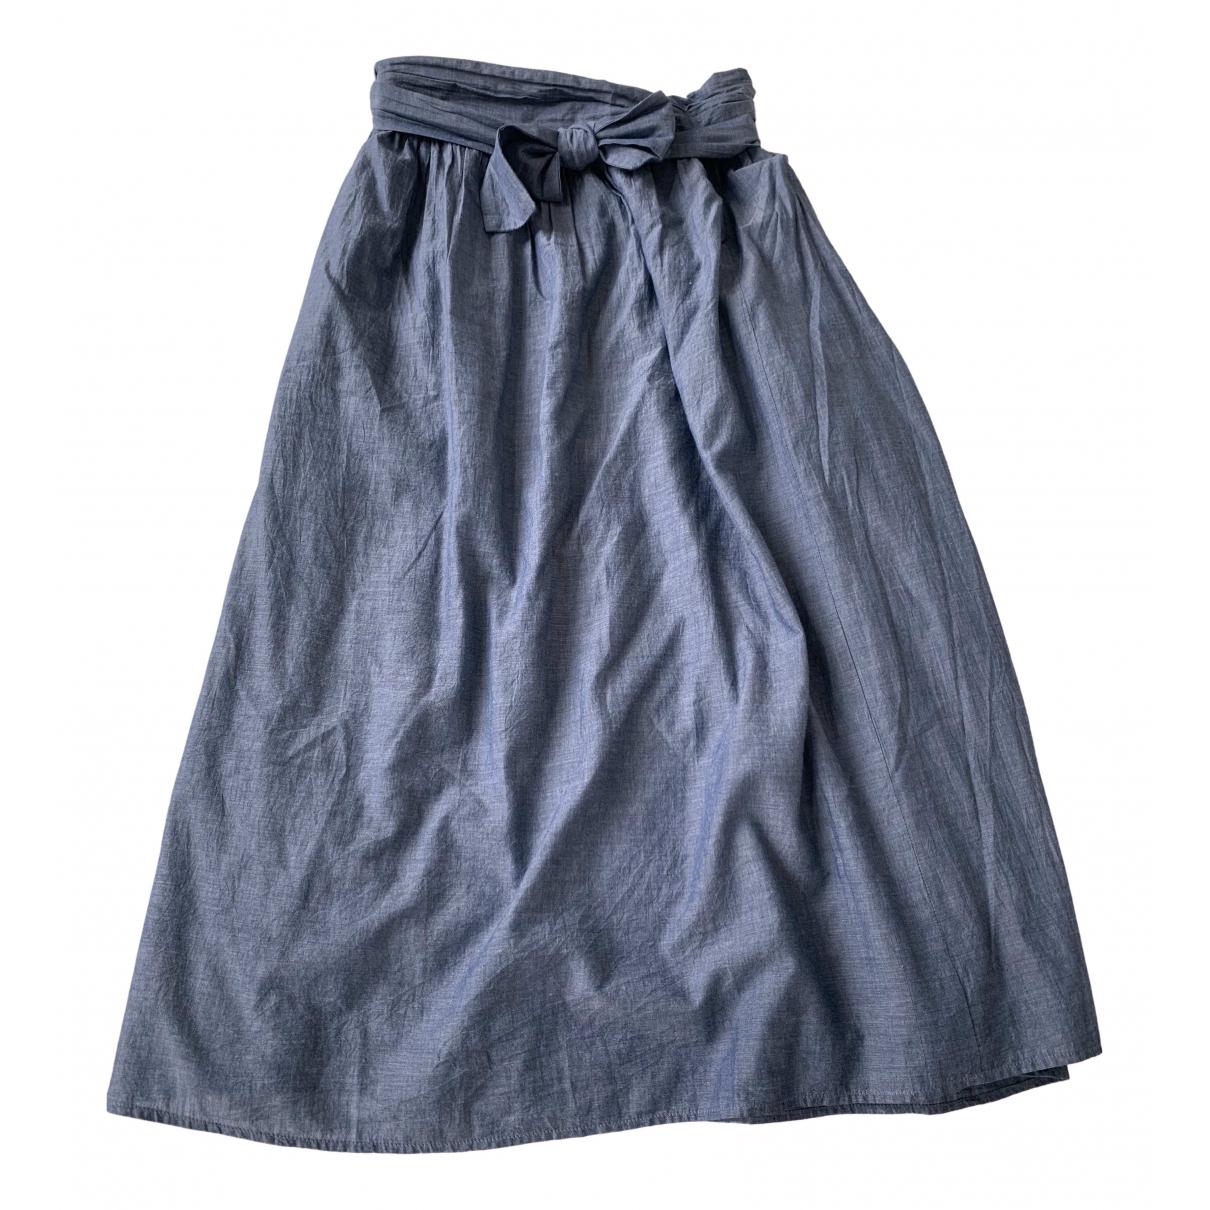 Apiece Apart \N Blue Cotton dress for Women 1 US